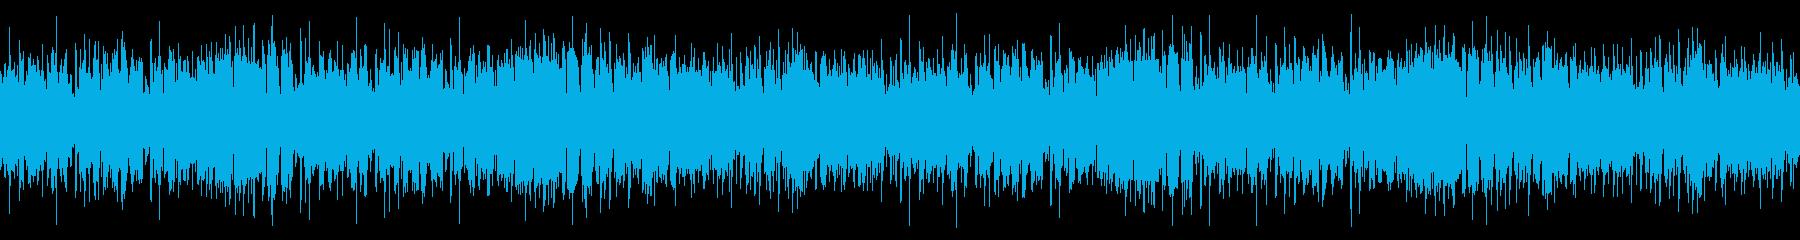 陽気で楽しいカントリー調のBGMの再生済みの波形